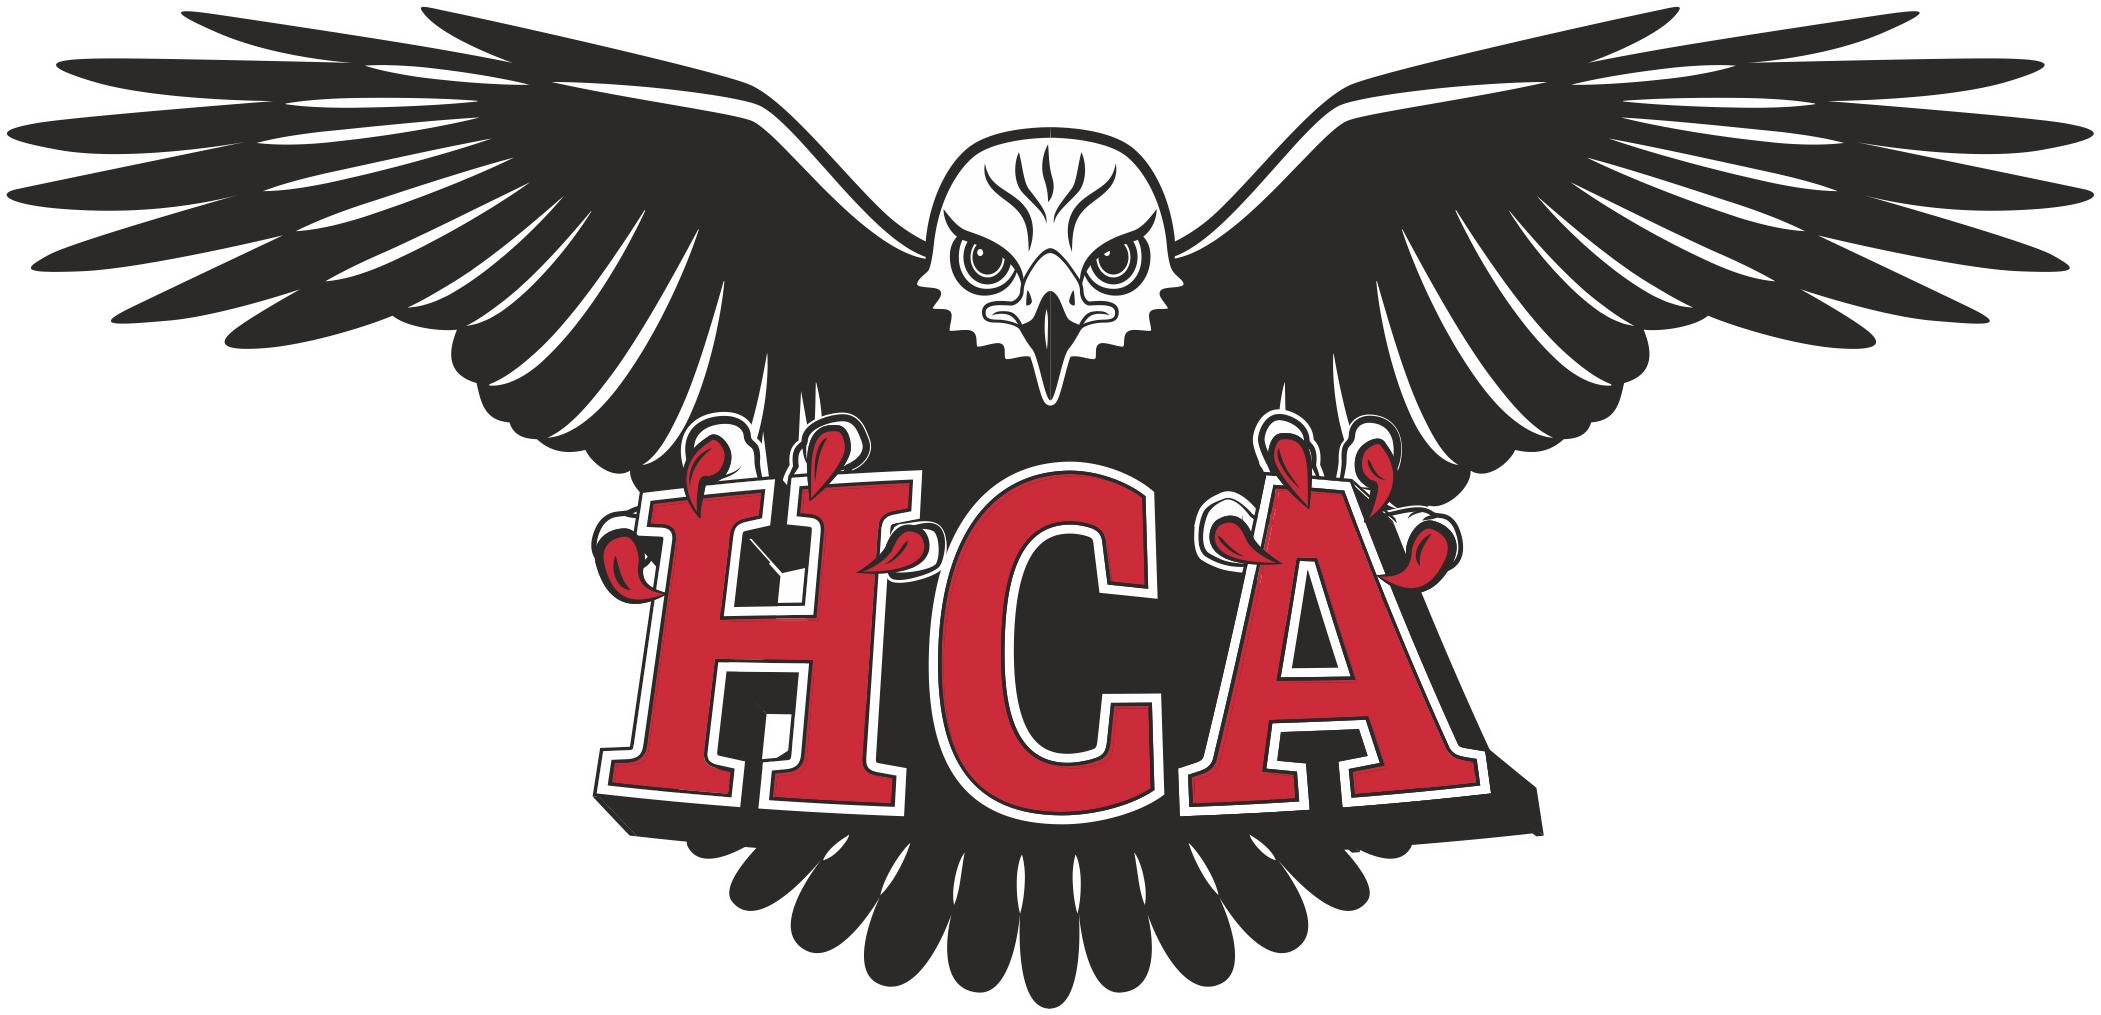 Hawks Cheer Academy